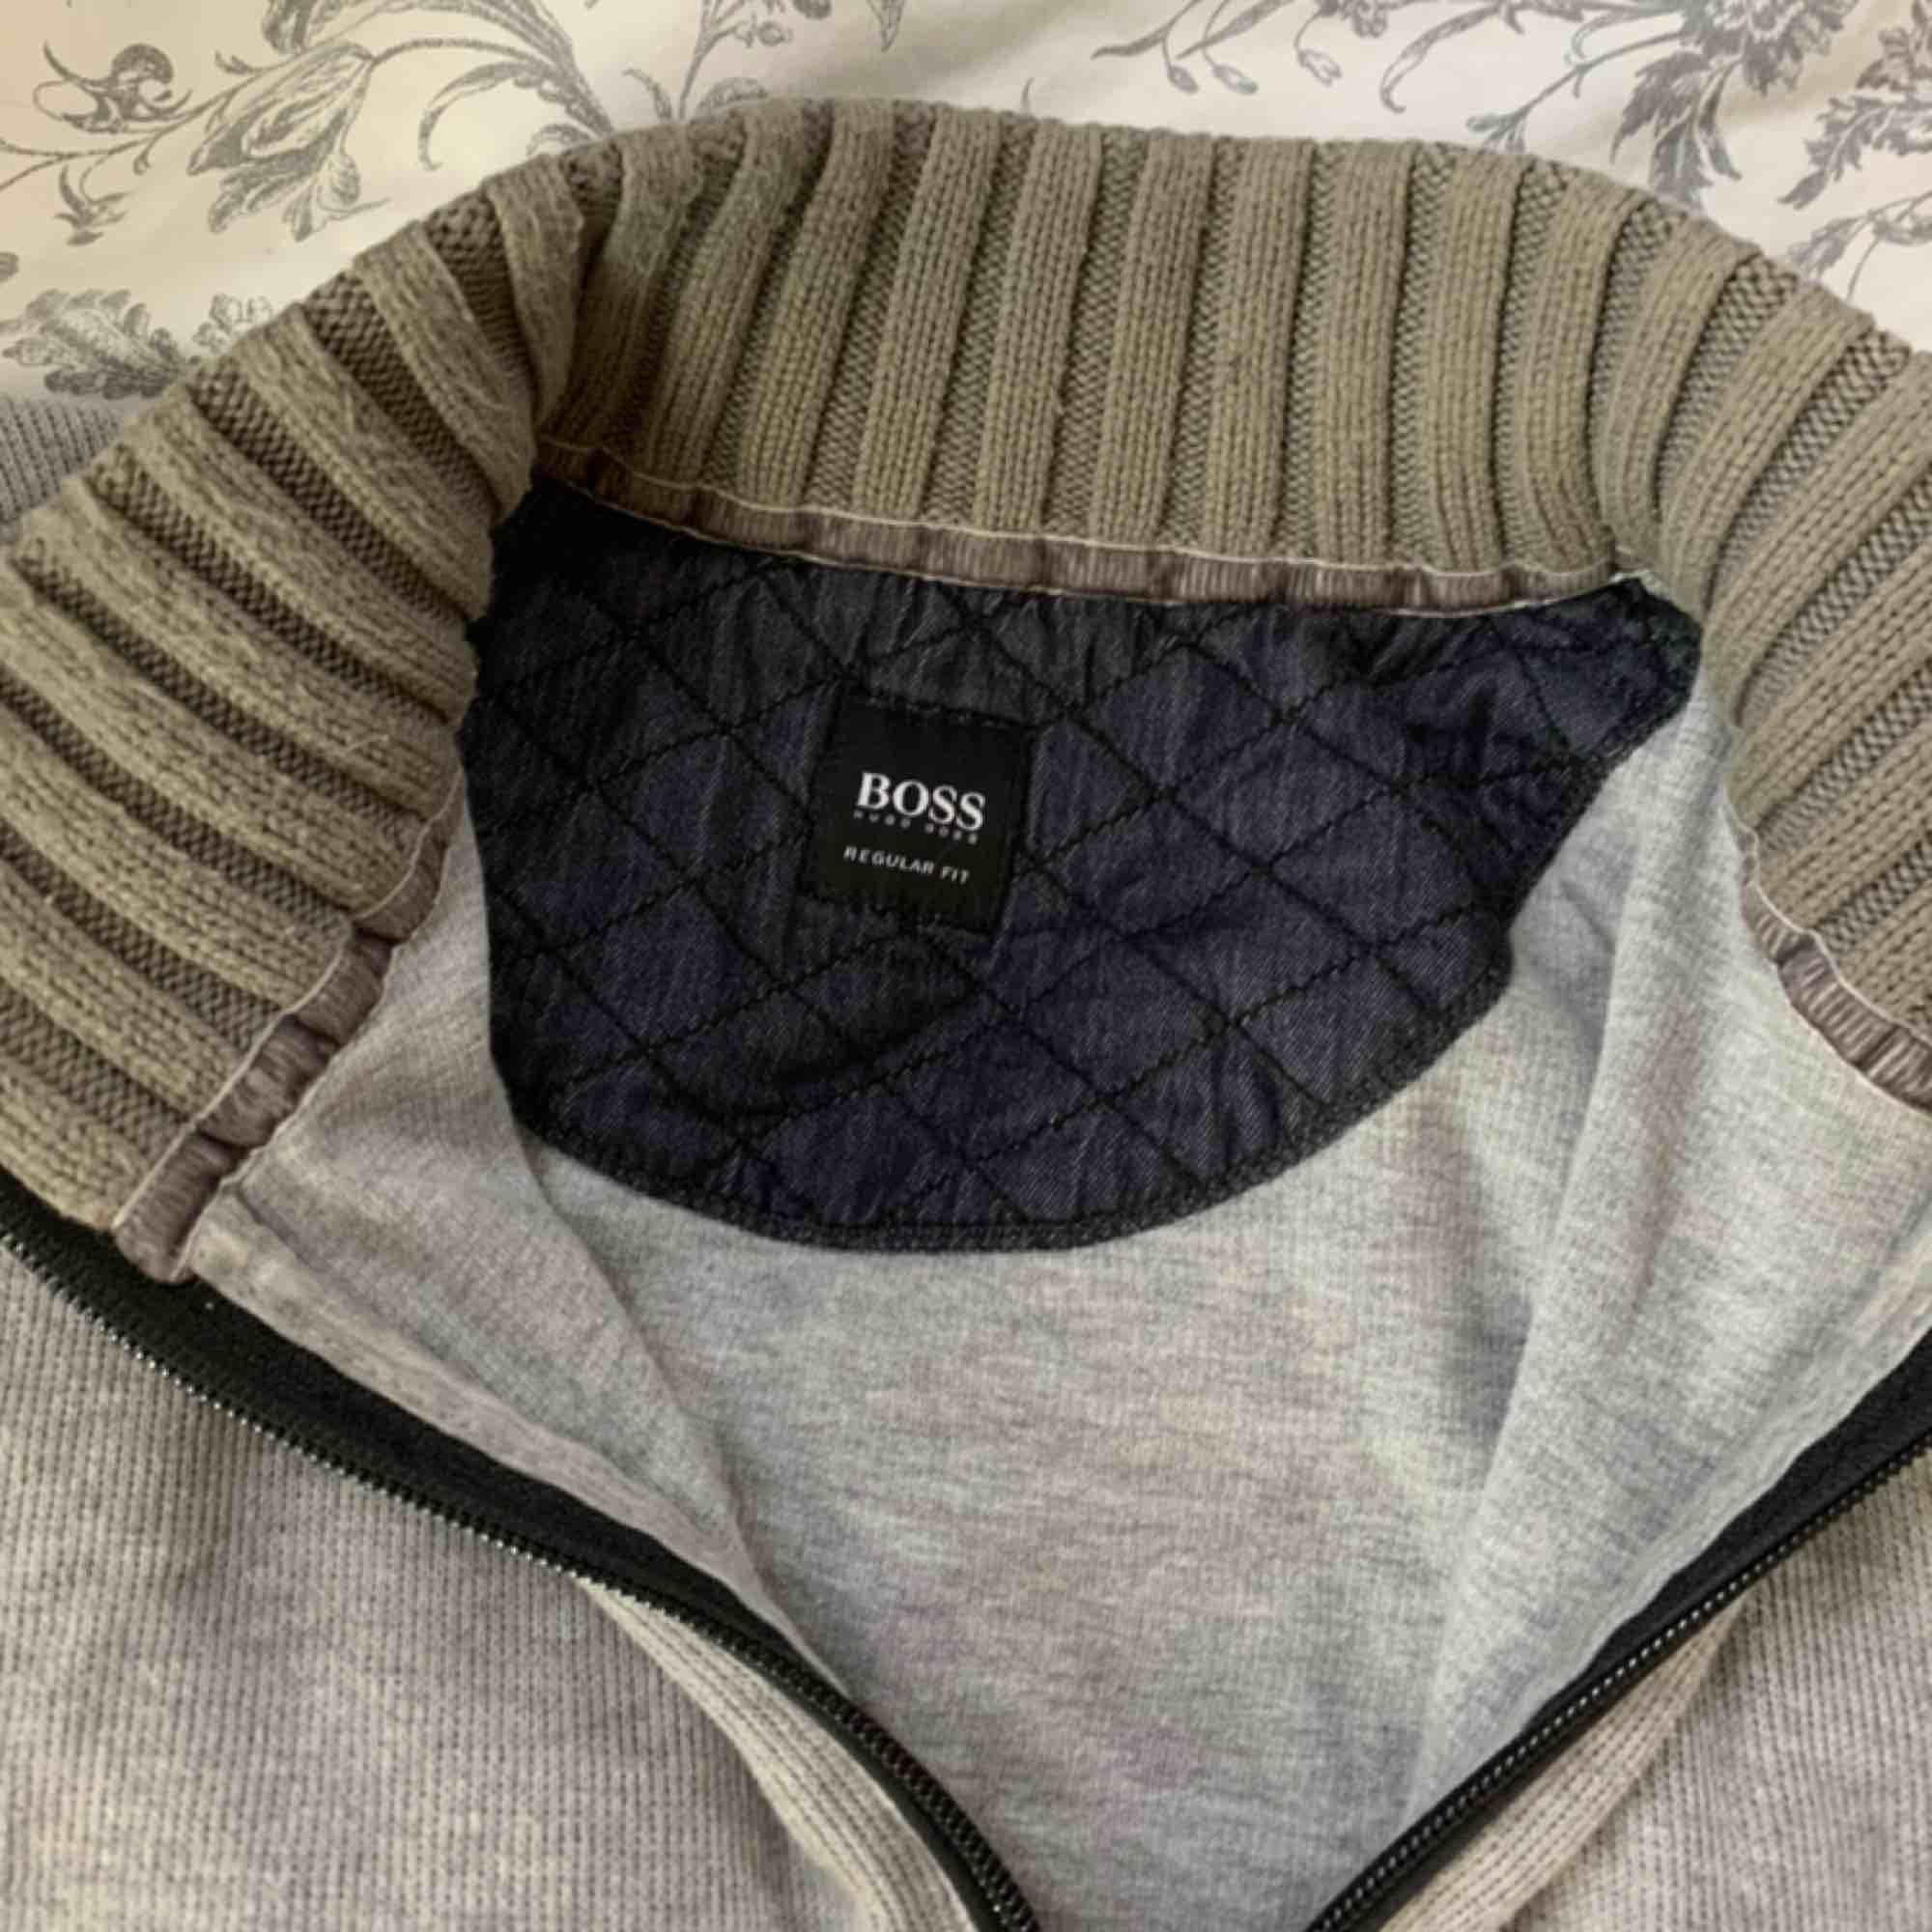 Tjocktröja med dragkedja och hög krage från Hugo Boss Står ingen storlek men jag brukar ha XS-M och den passar bra på mig. Fri frakt. Huvtröjor & Träningströjor.